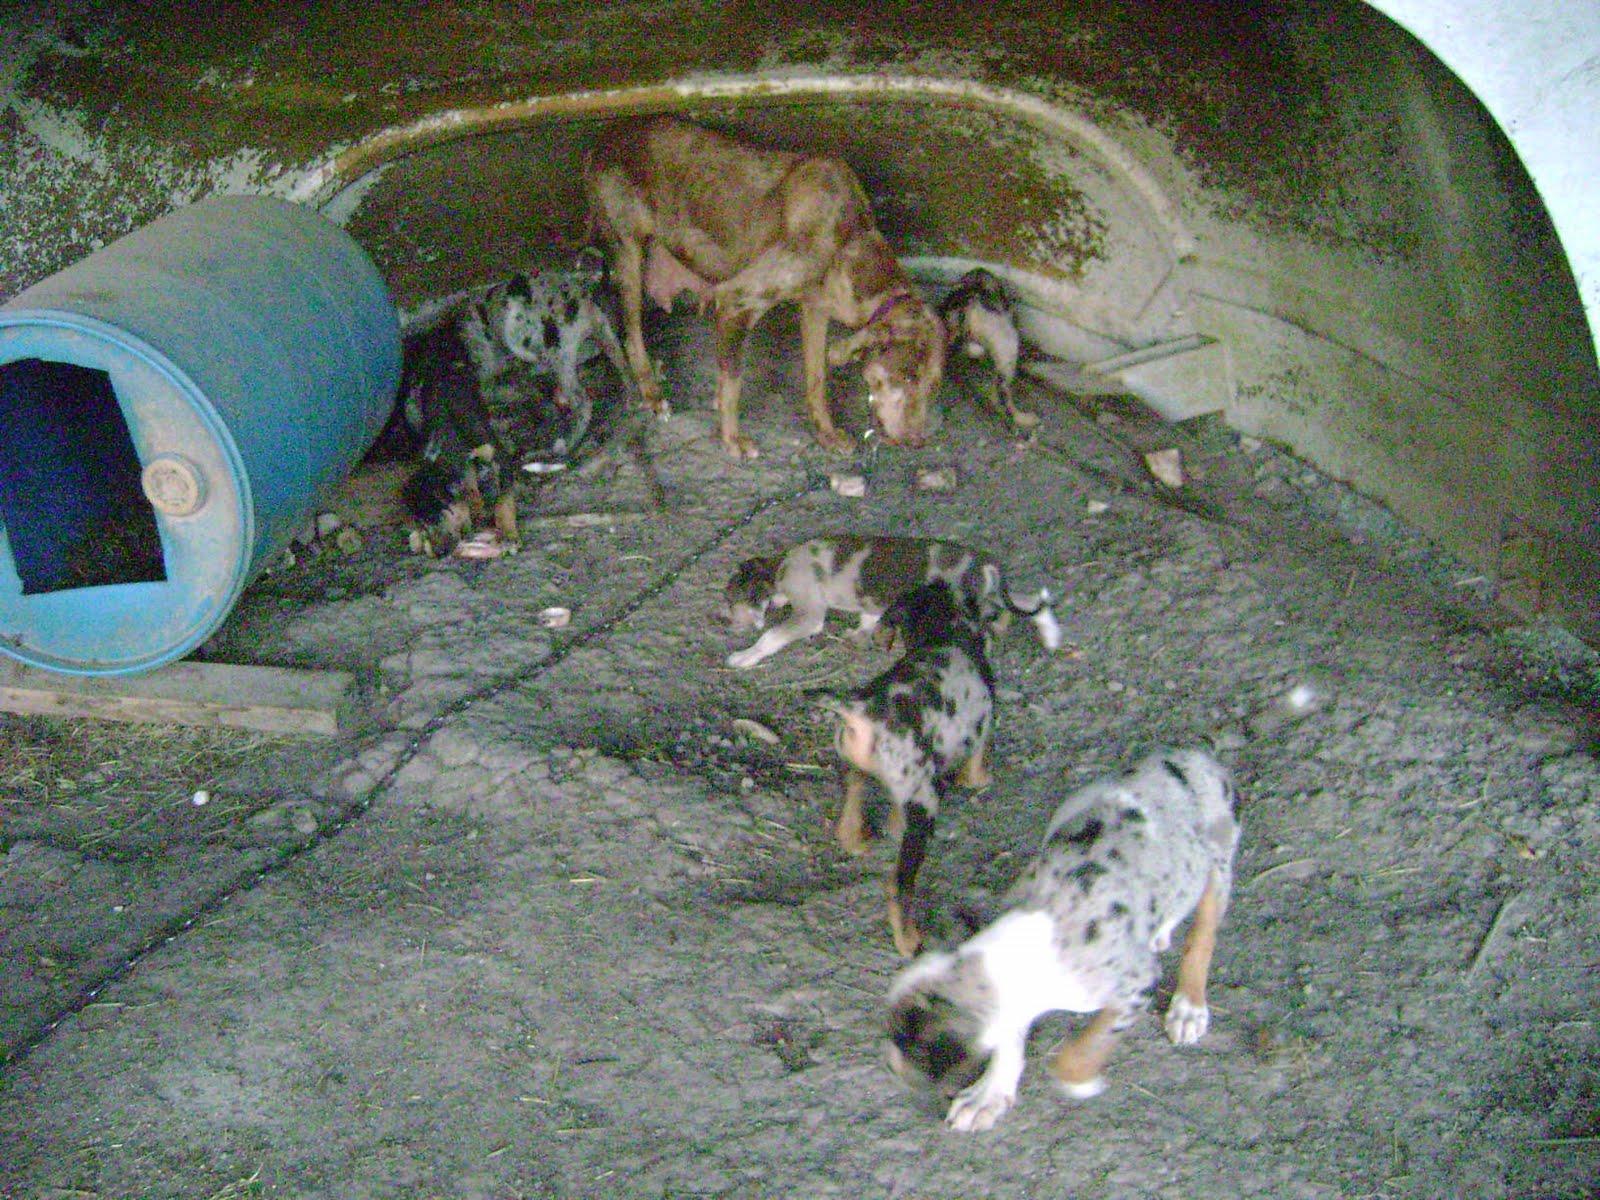 Catahoula Puppies: May 2010 - photo#22